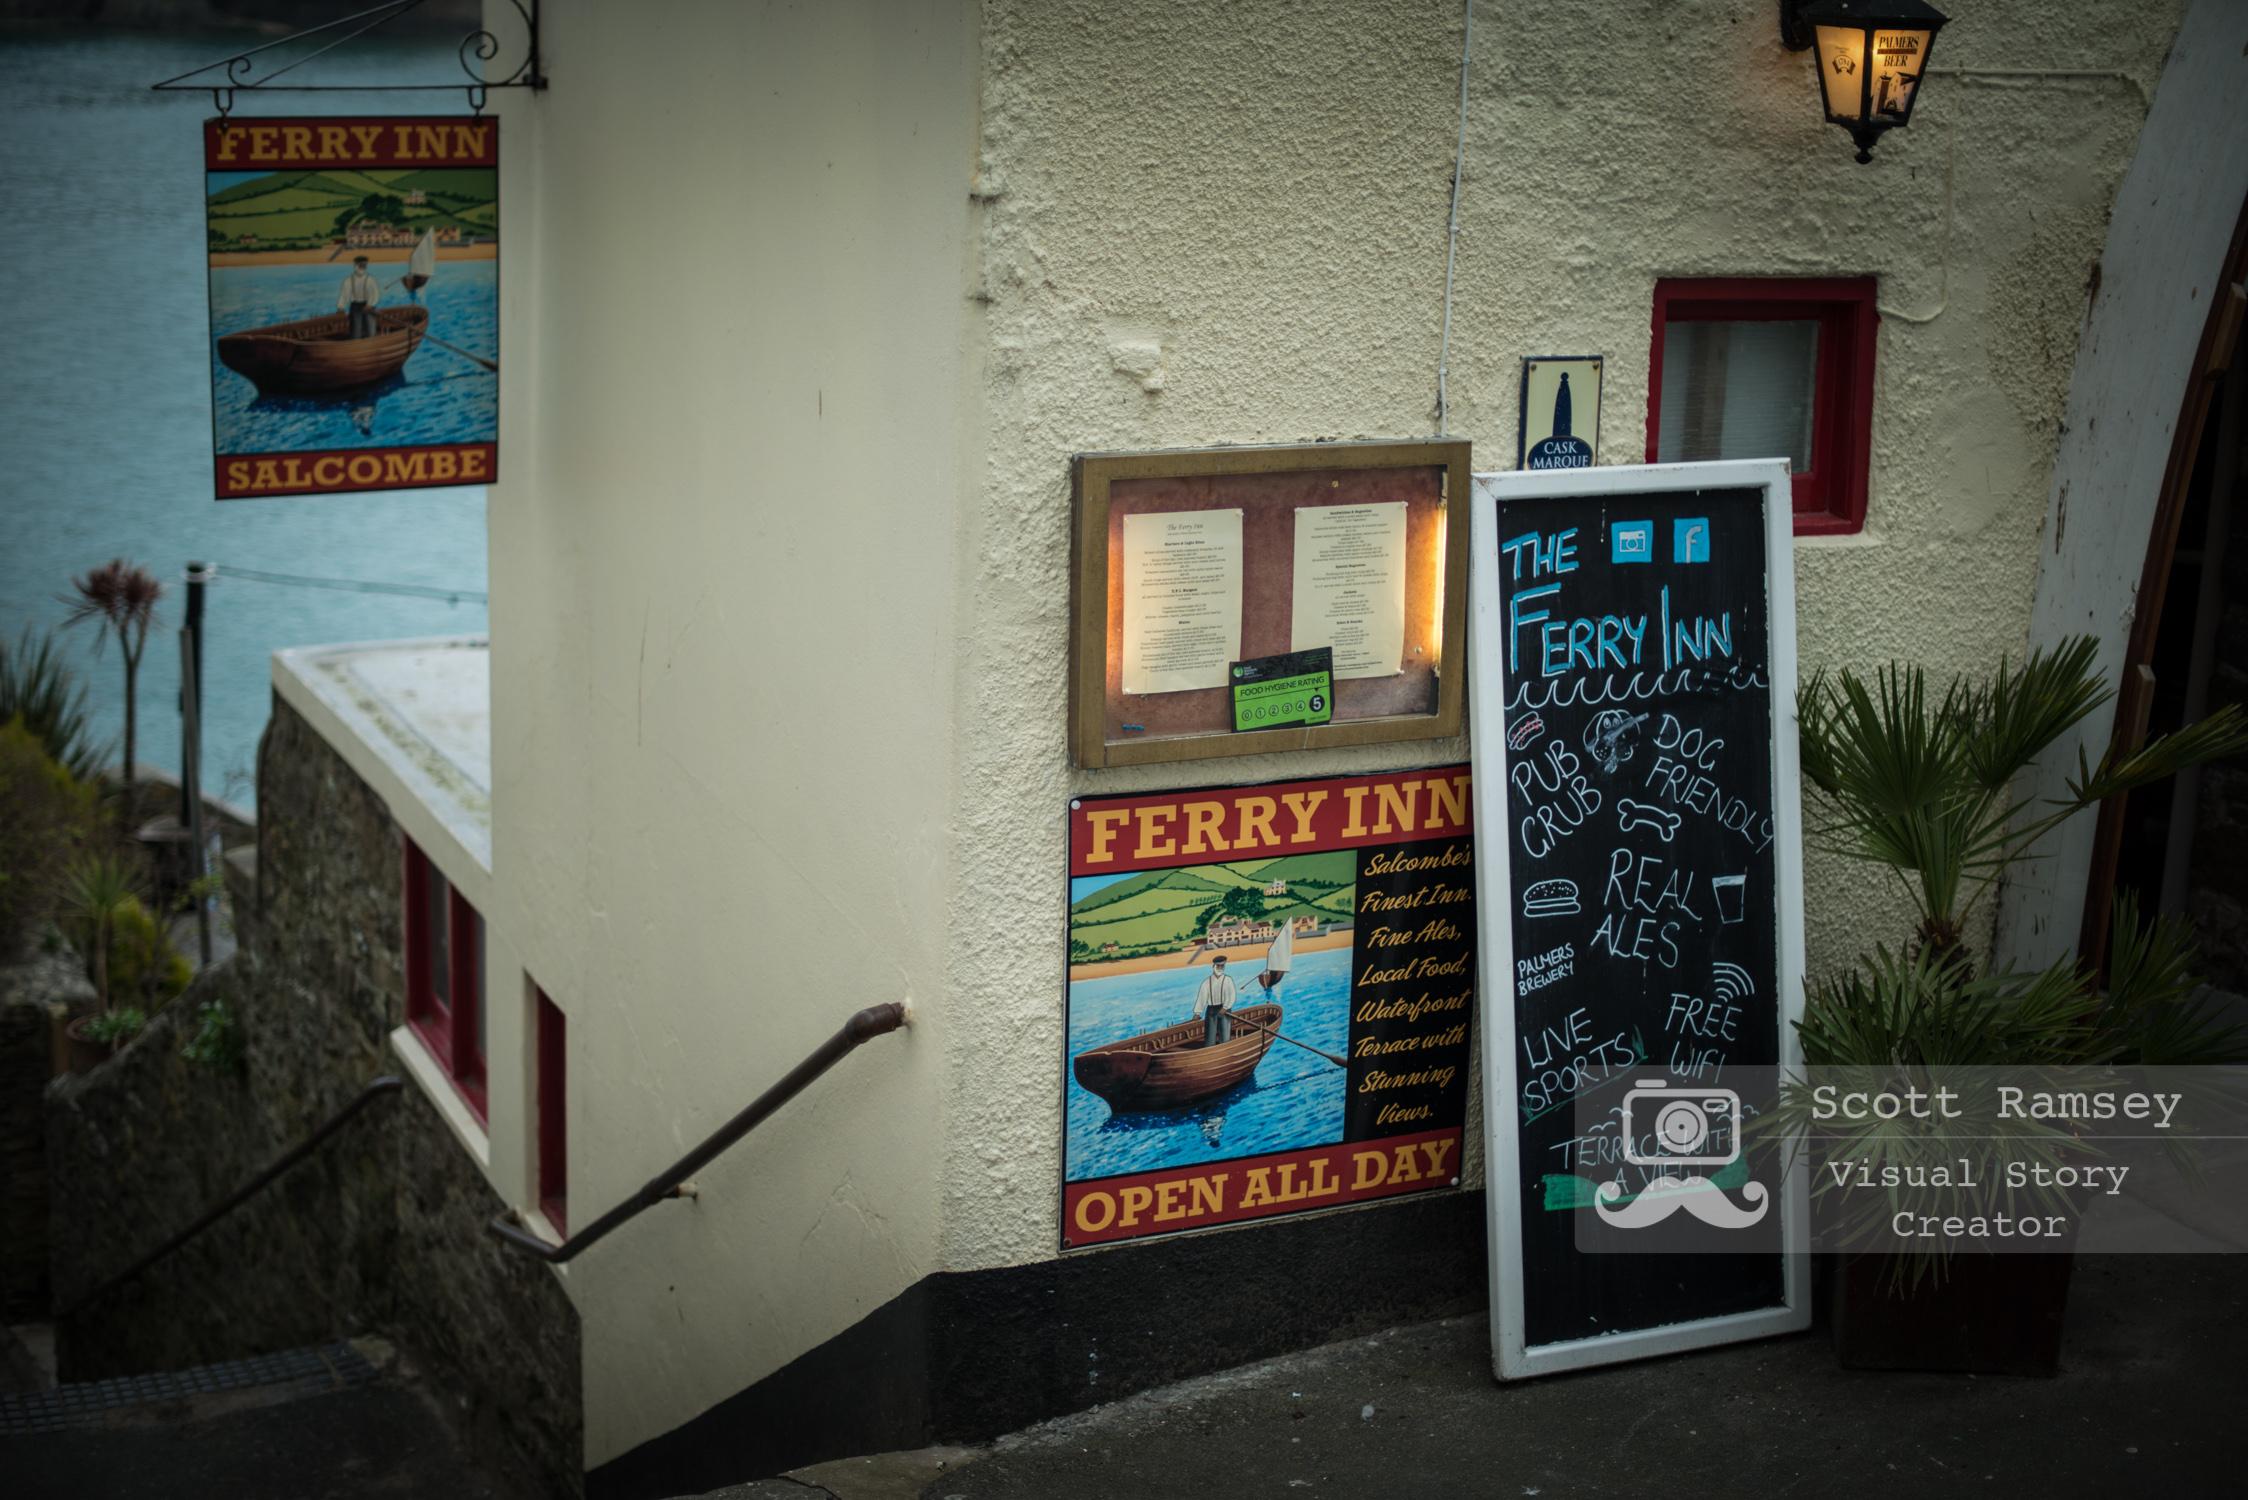 The Ferry Inn overlooks the estuary in Salcombe. Photo © Scott Ramsey